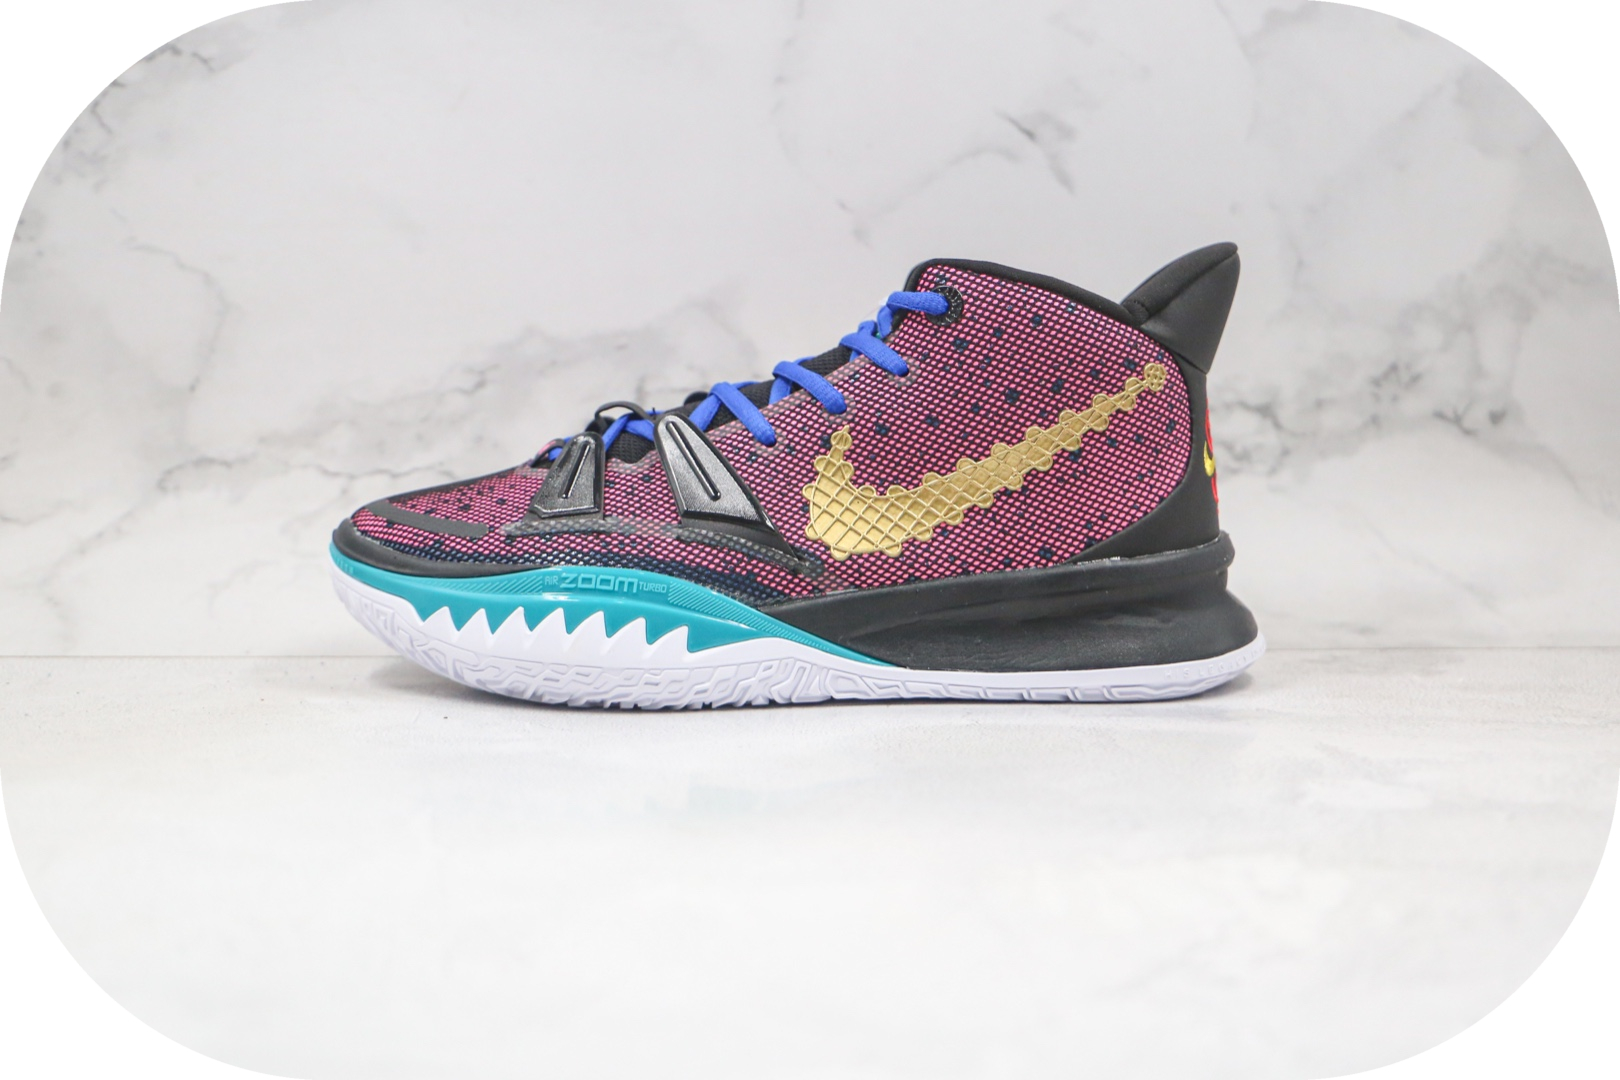 耐克Nike Kyrie 7 Pre Heat Ep纯原版本欧文7代紫金中国结配色篮球鞋内置气垫支持实战 货号:CQ9327-006